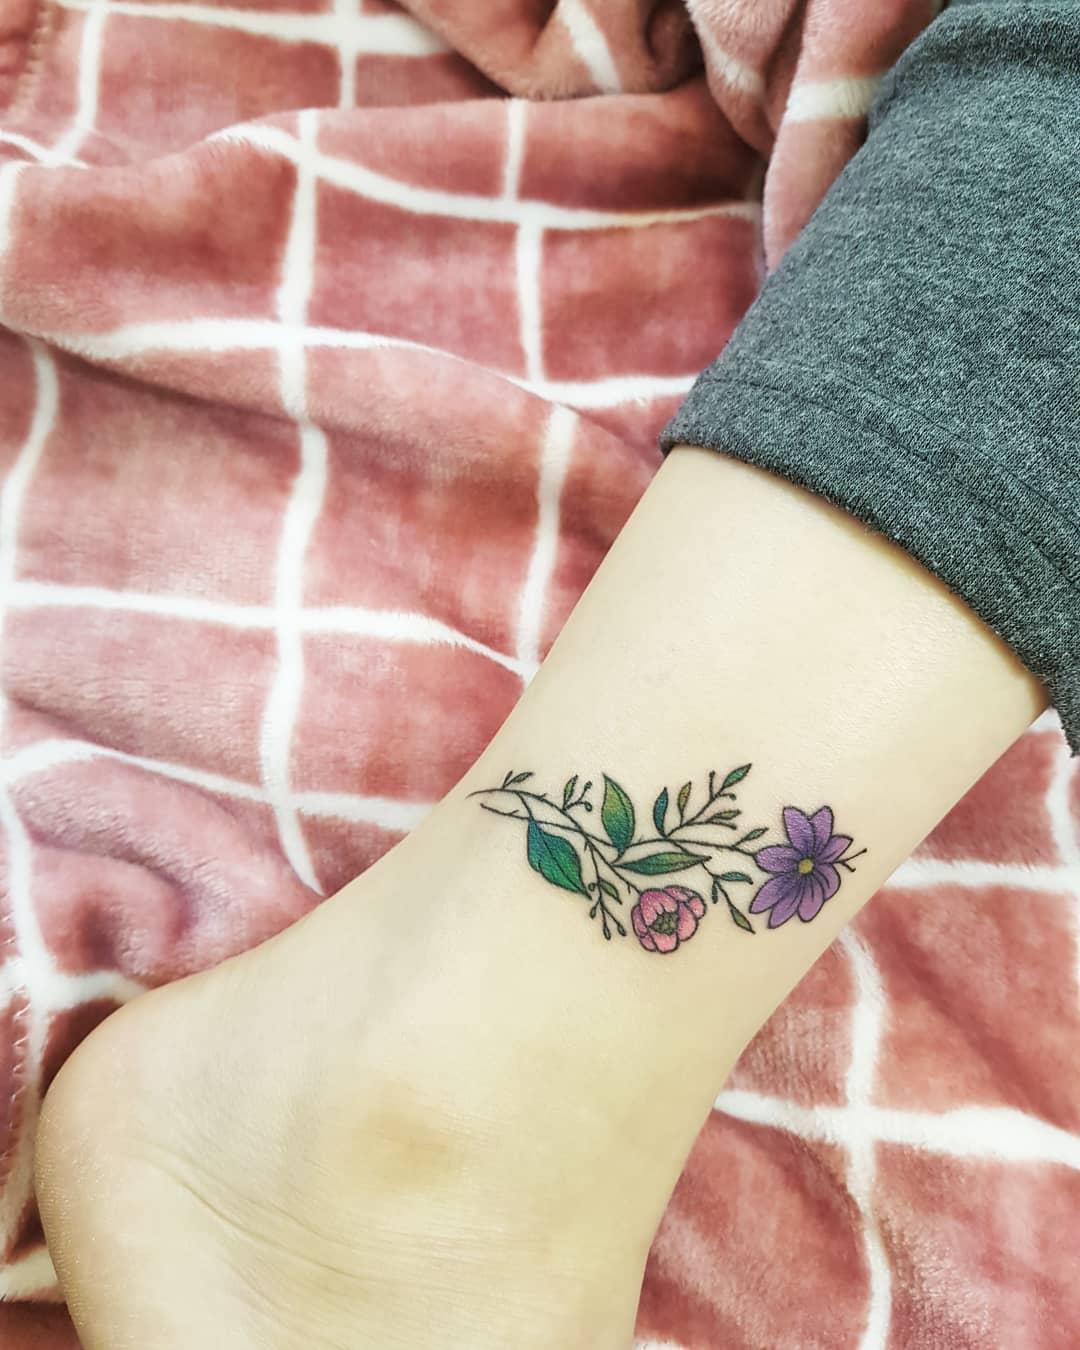 菊花蛇纹身手稿         脚踝黑灰小煤球纹身图案 其他